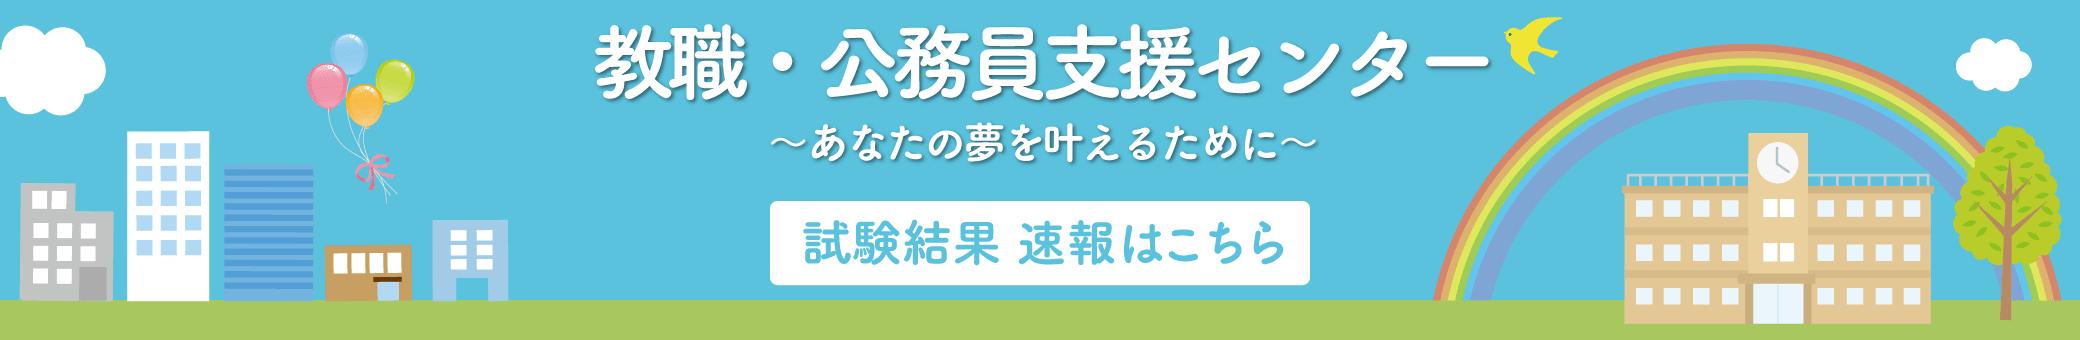 速報(試験結果)